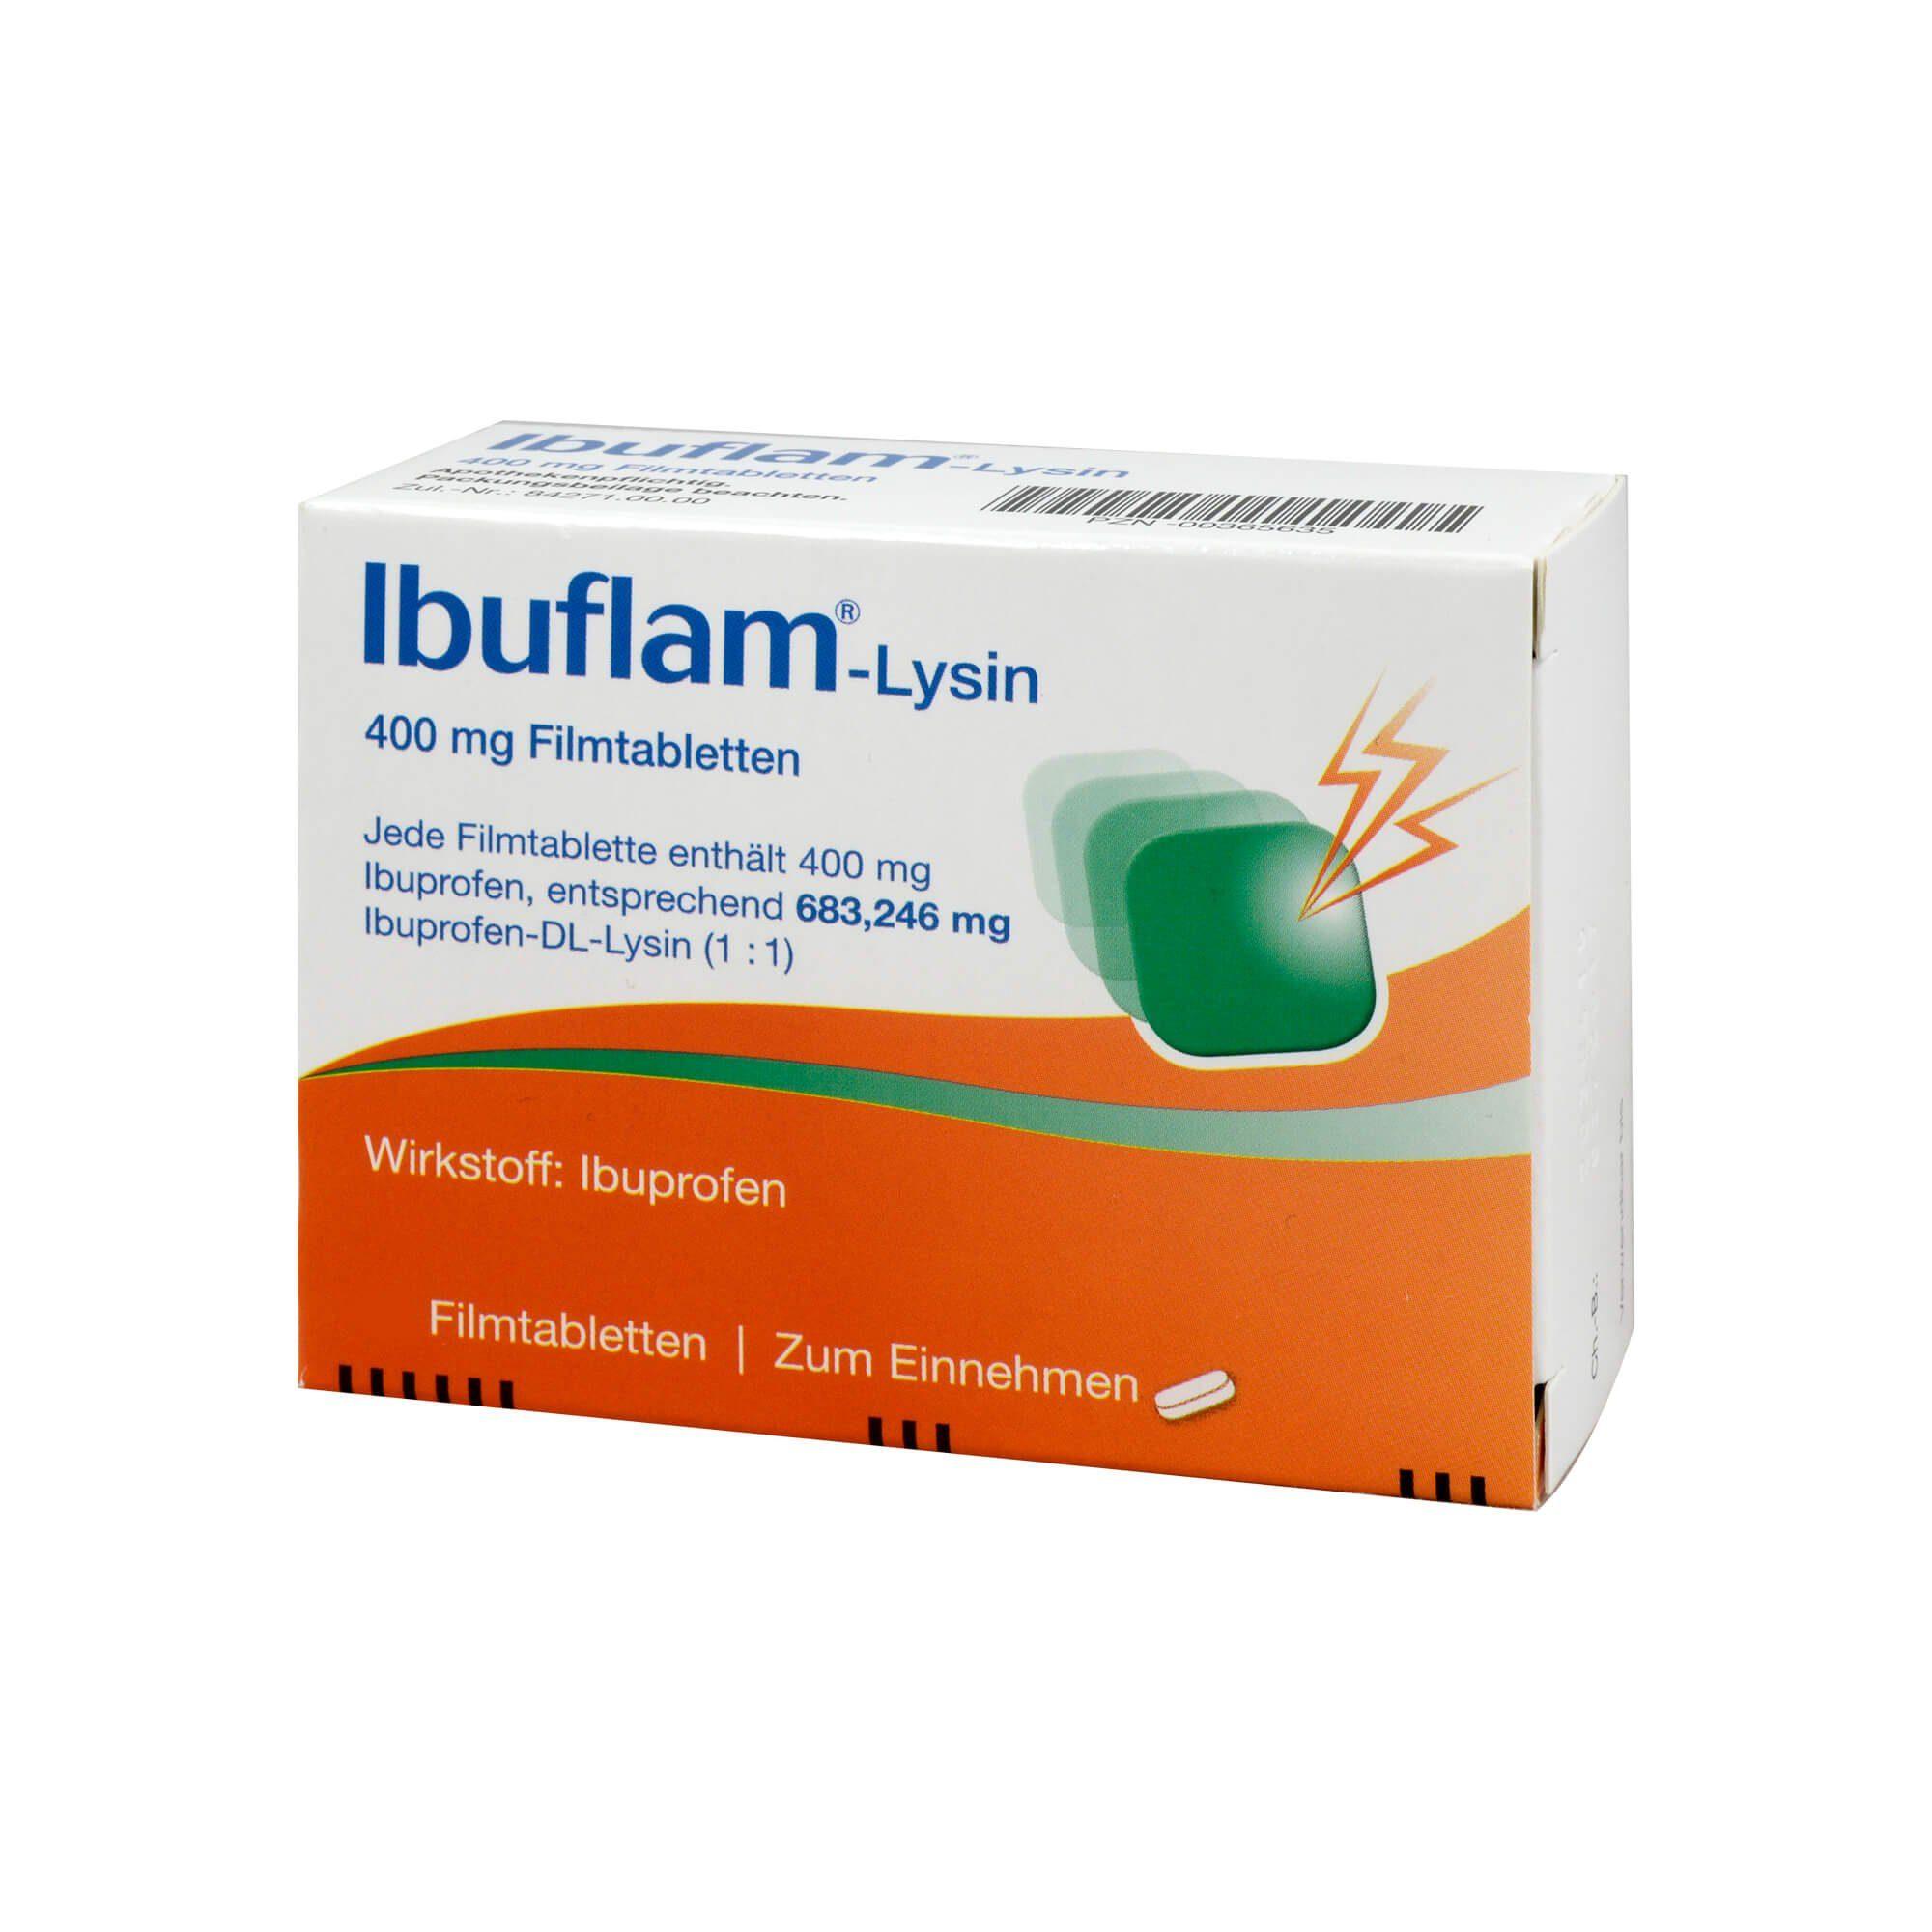 Ibuflam-Lysin 400 mg Filmtabletten , 12 St